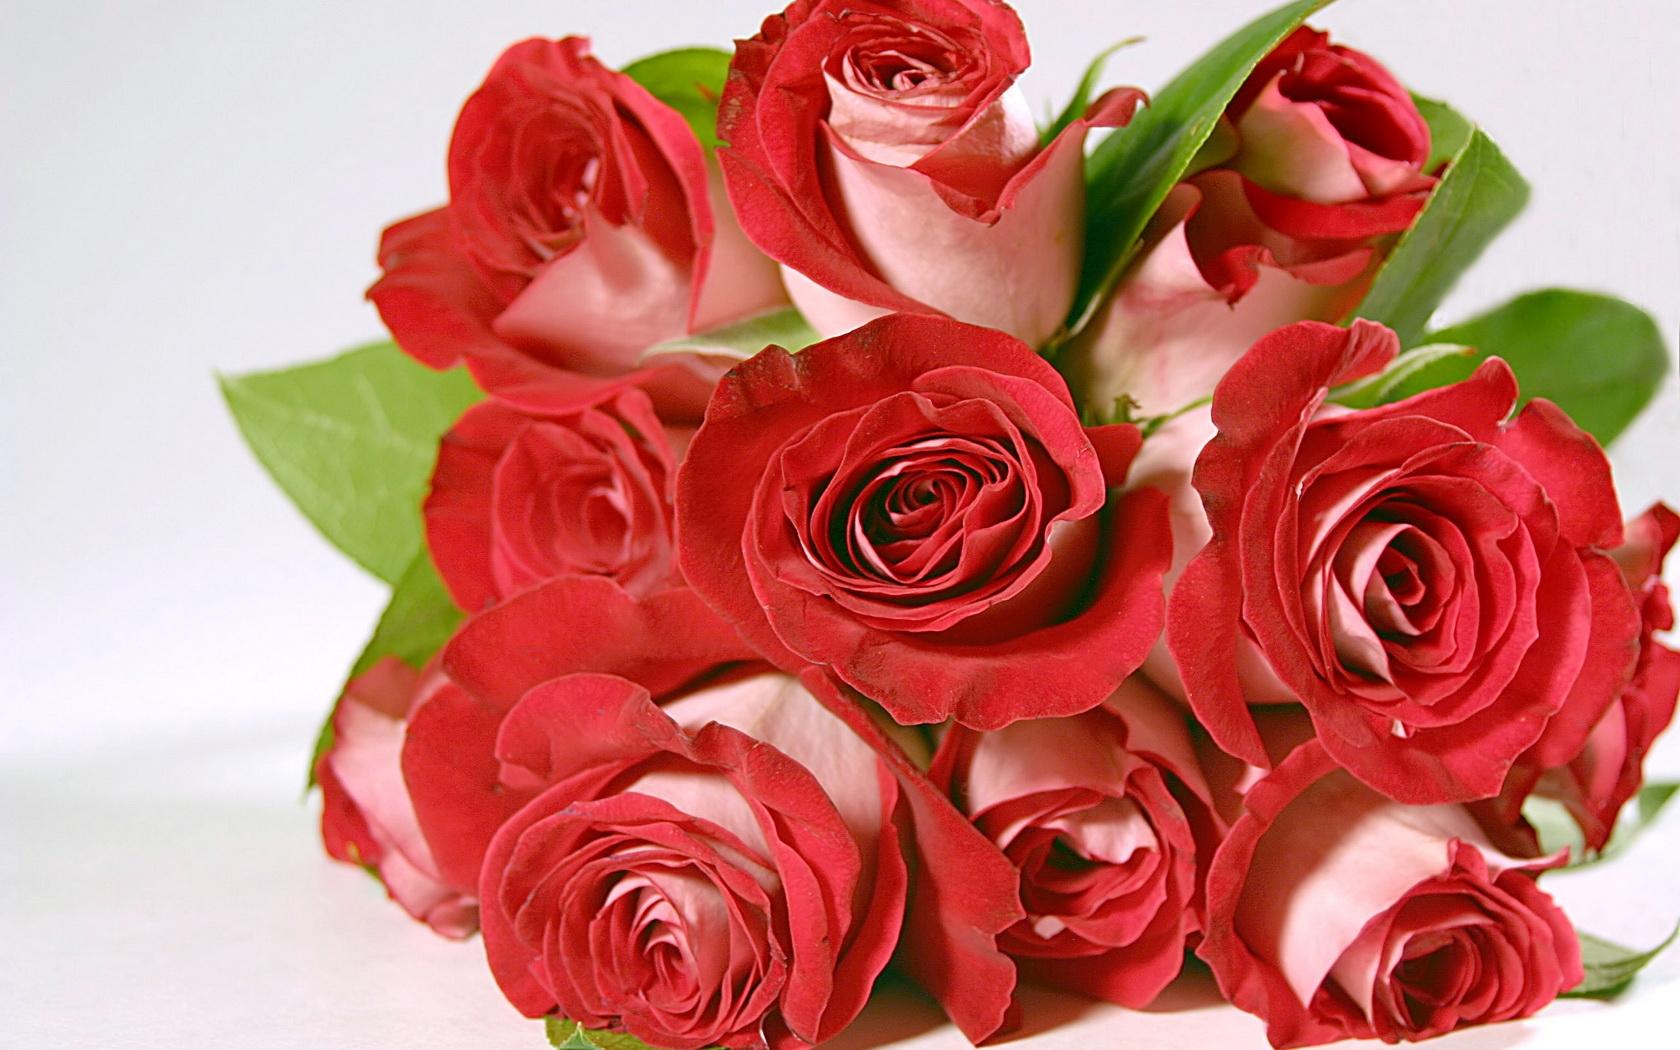 Букеты роз для поздравления картинки 918